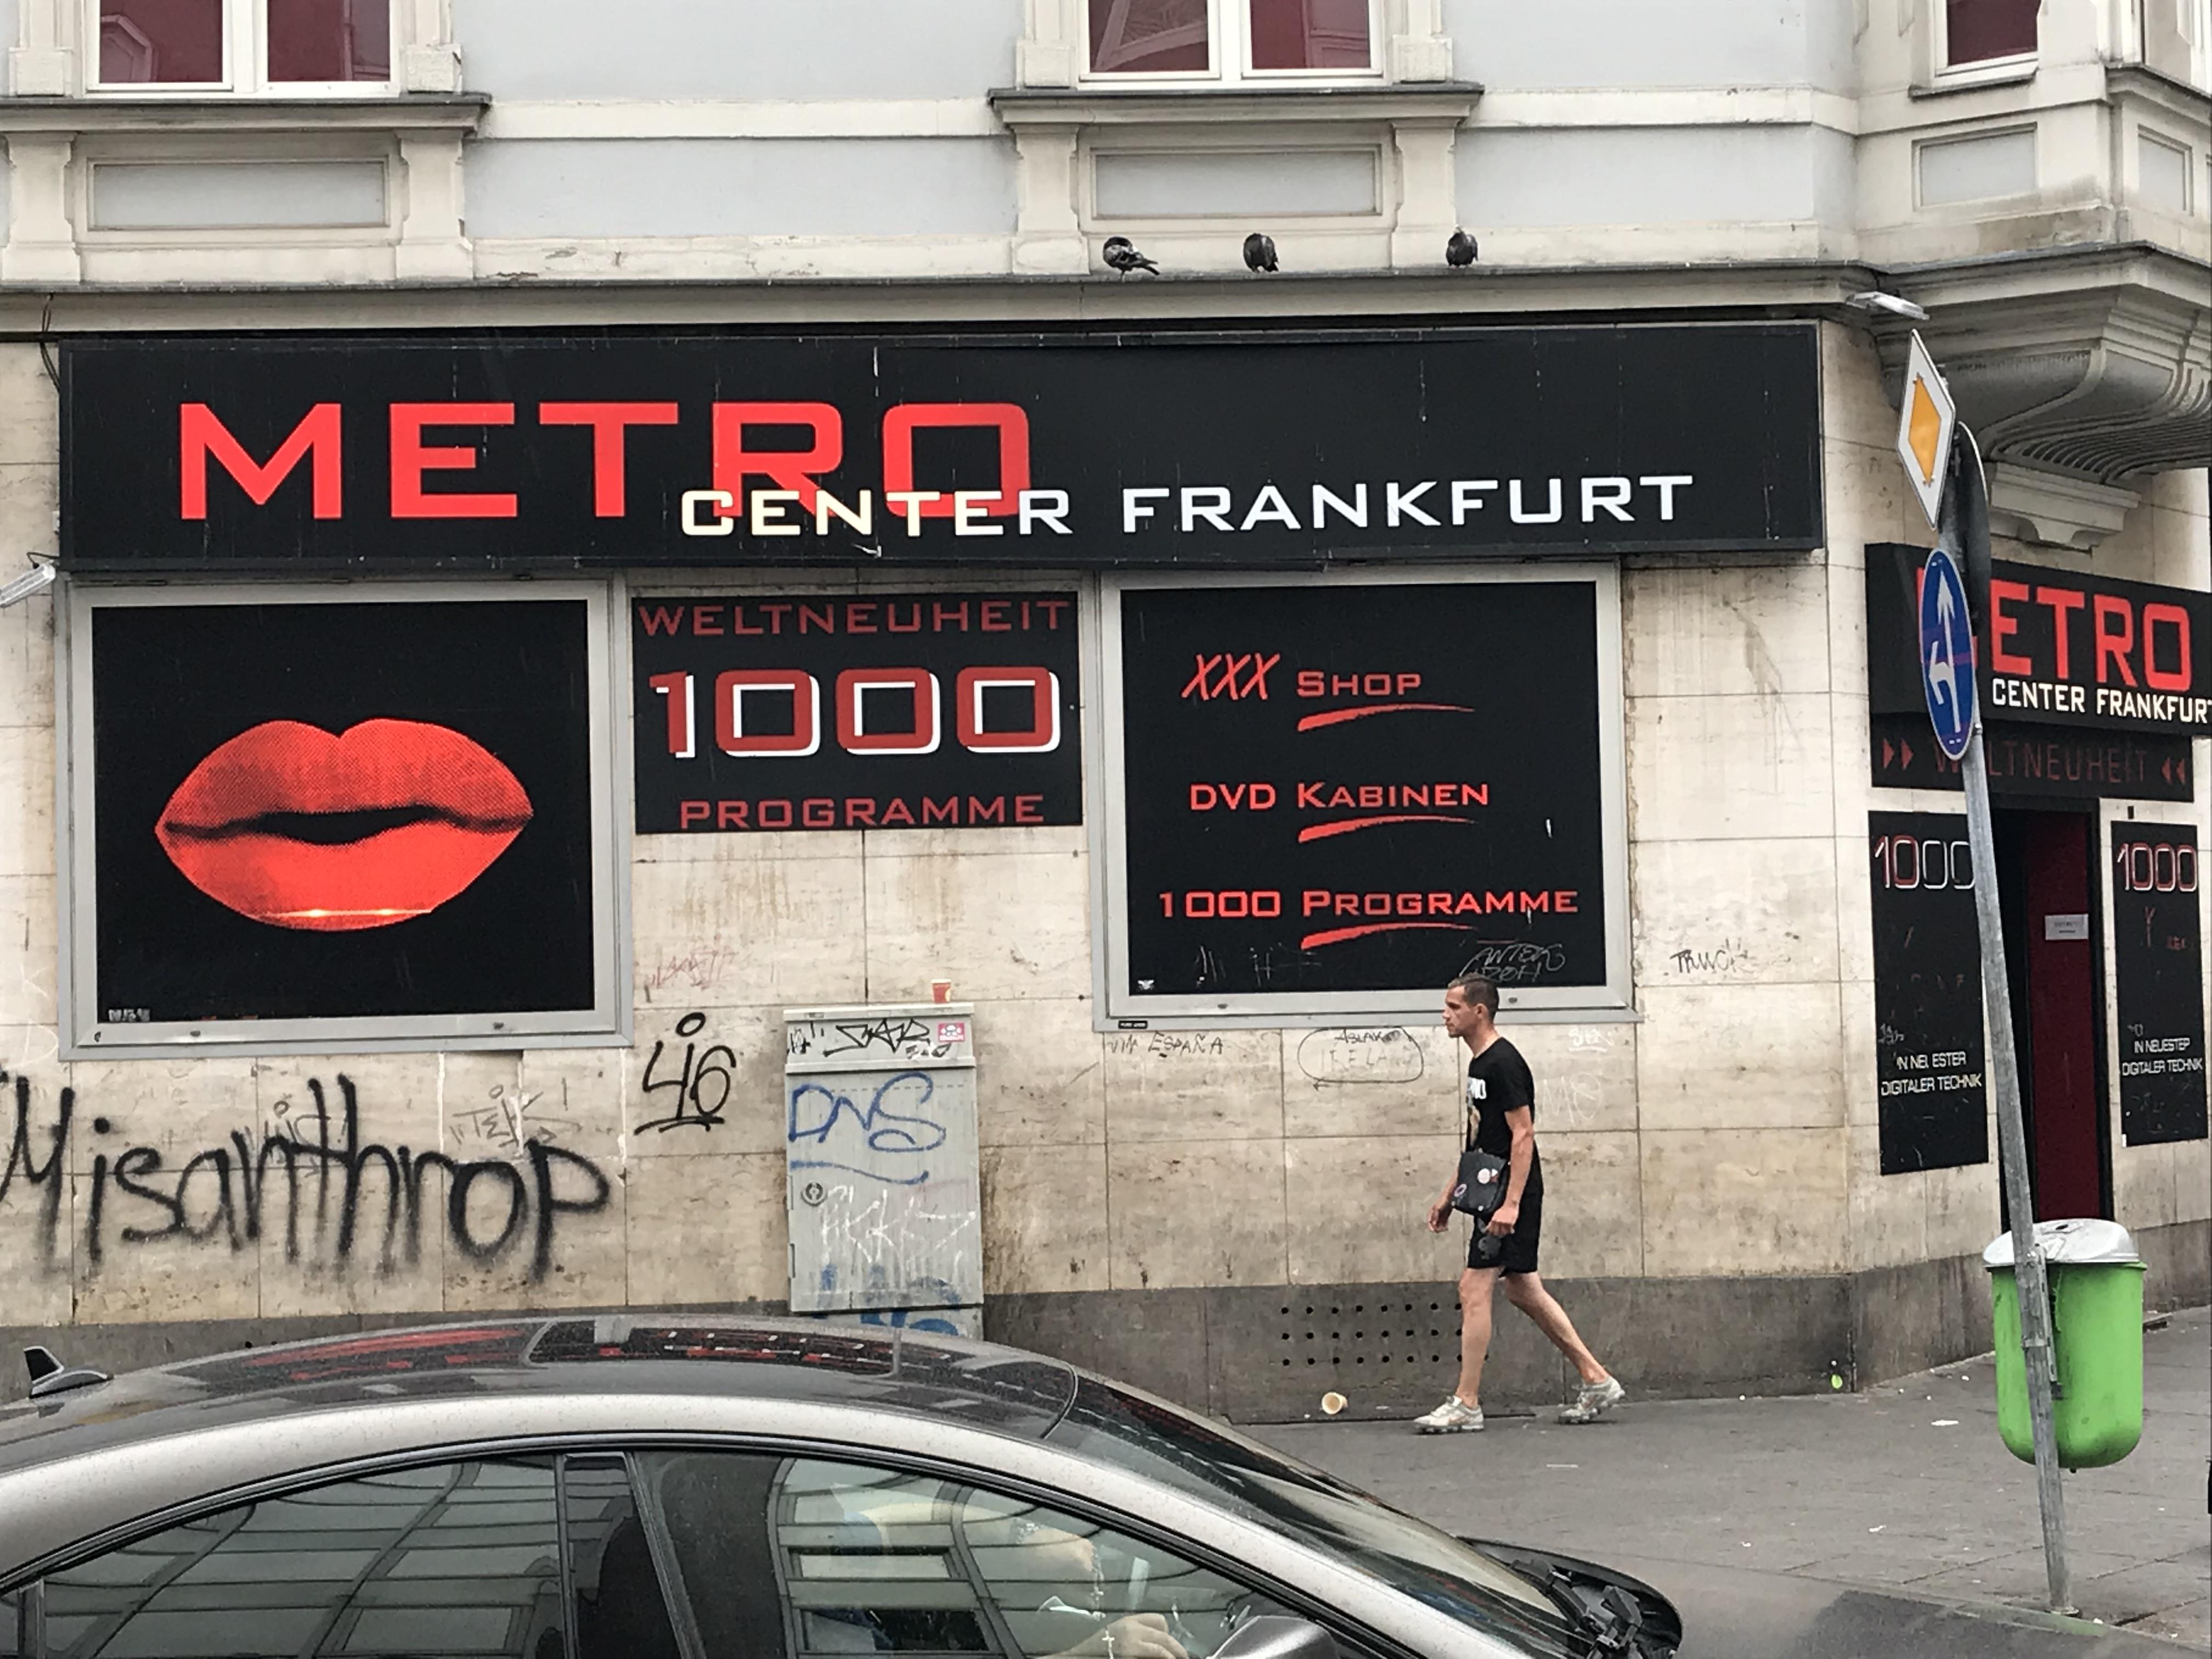 フランクフルト風俗街